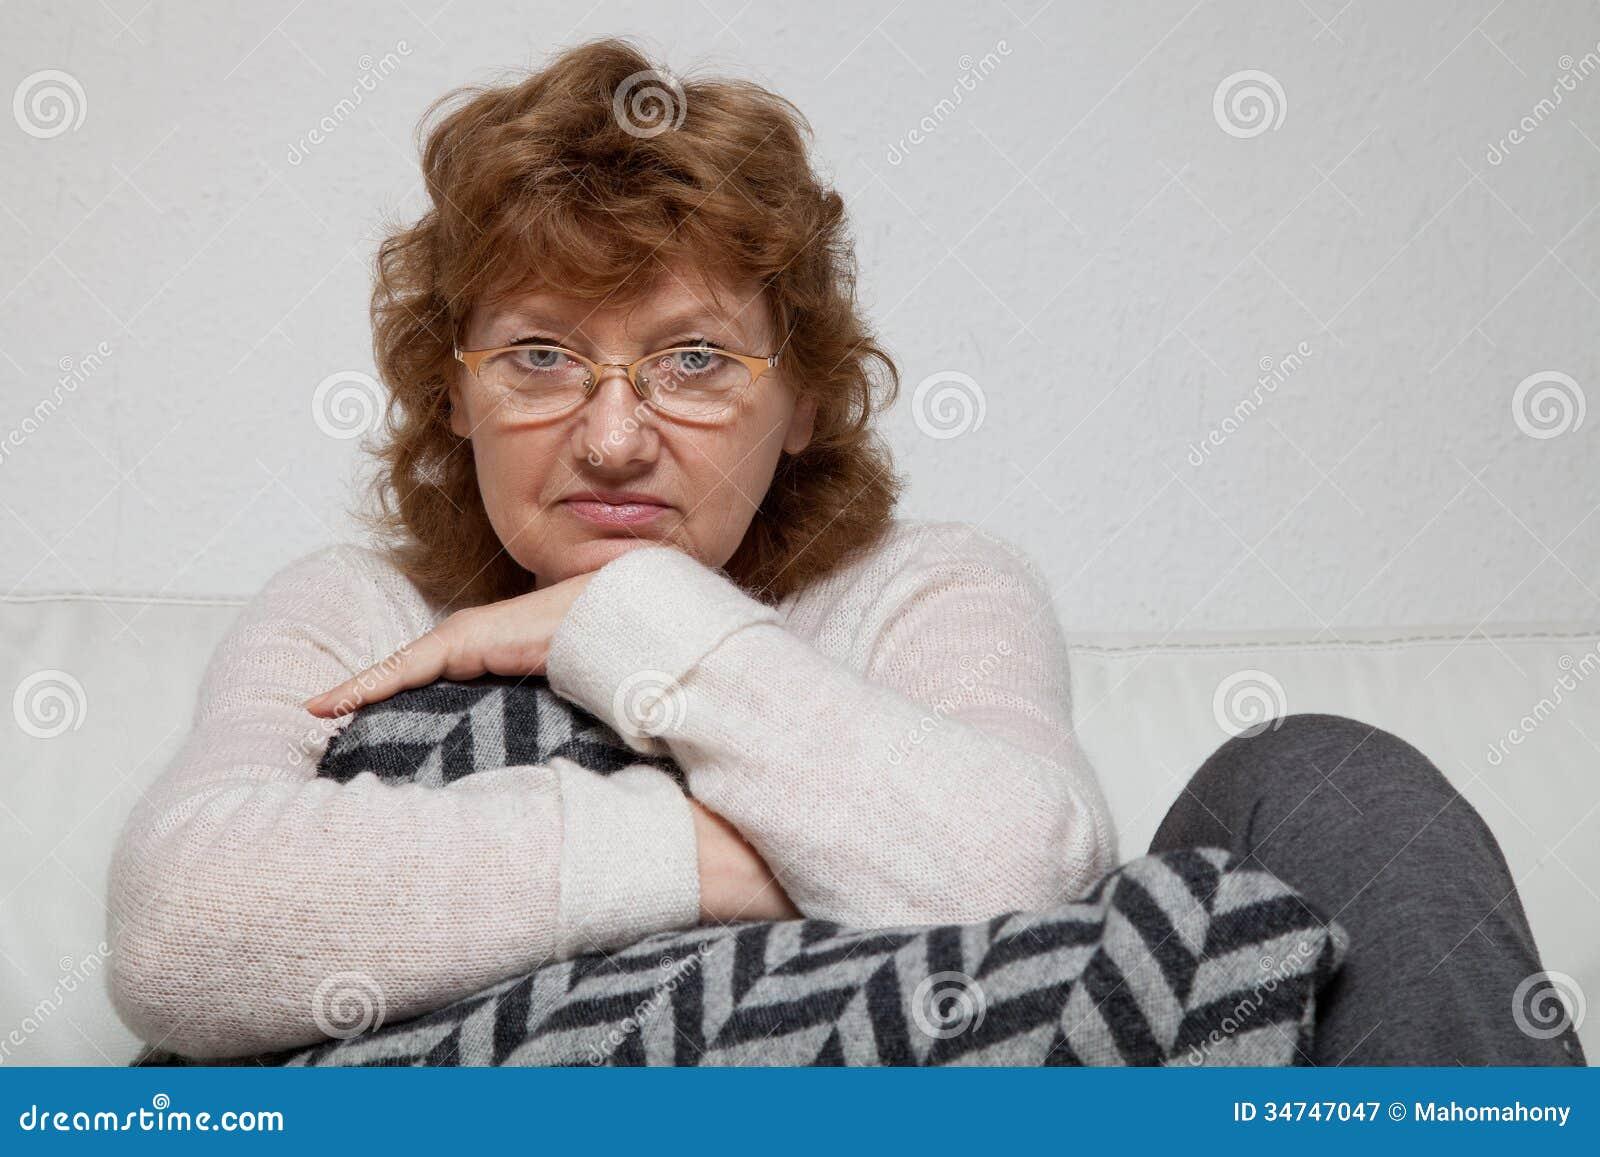 eksjö gamla mogen man söker kvinna yngre 40